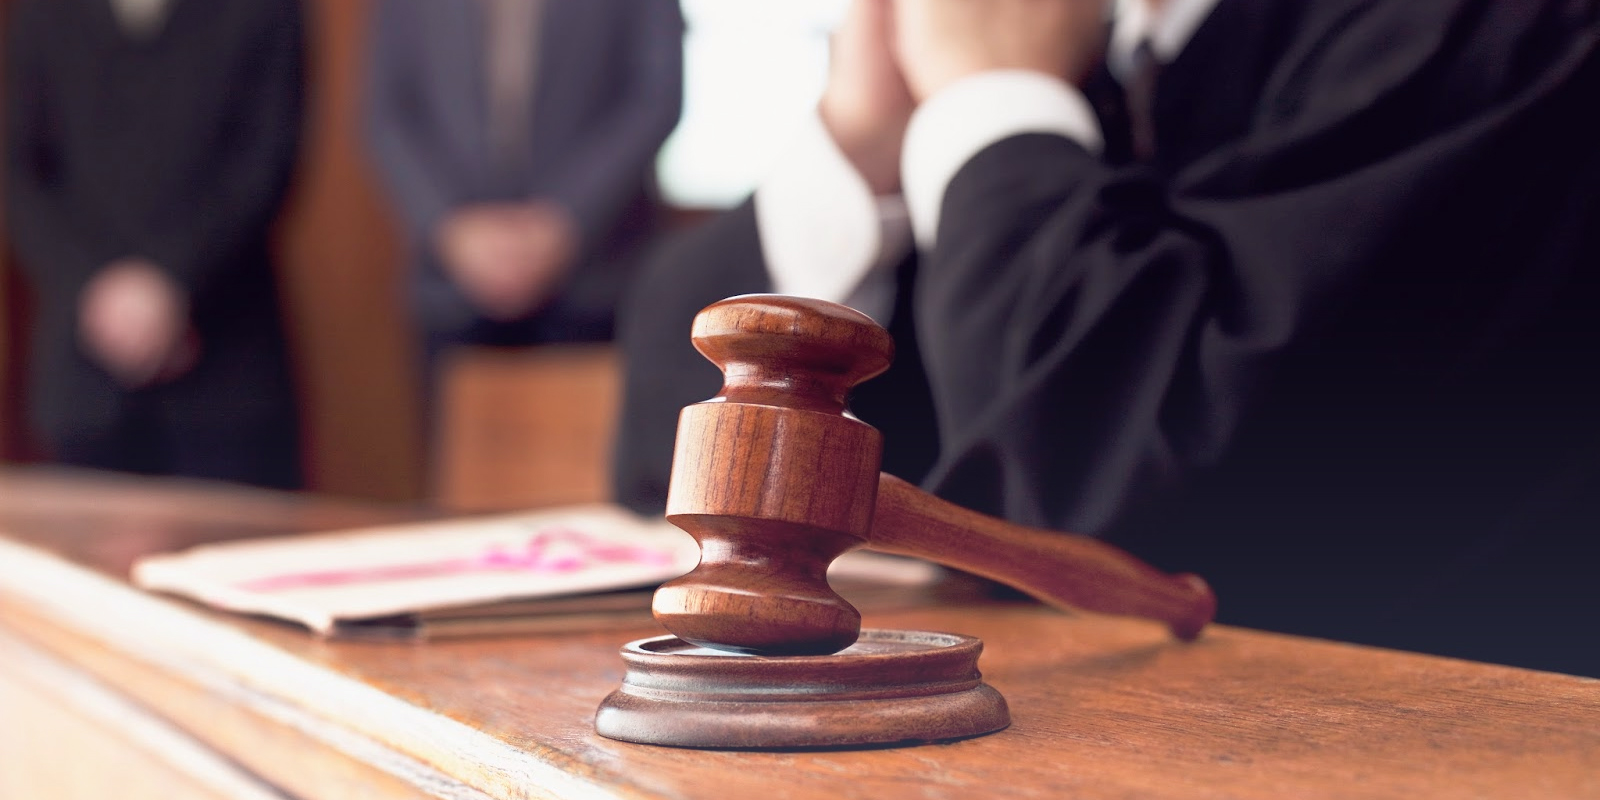 O Tribunal Regional Federal da 4ª Região tem 11 novas súmulas e 2 teses jurídicas prevalecentes